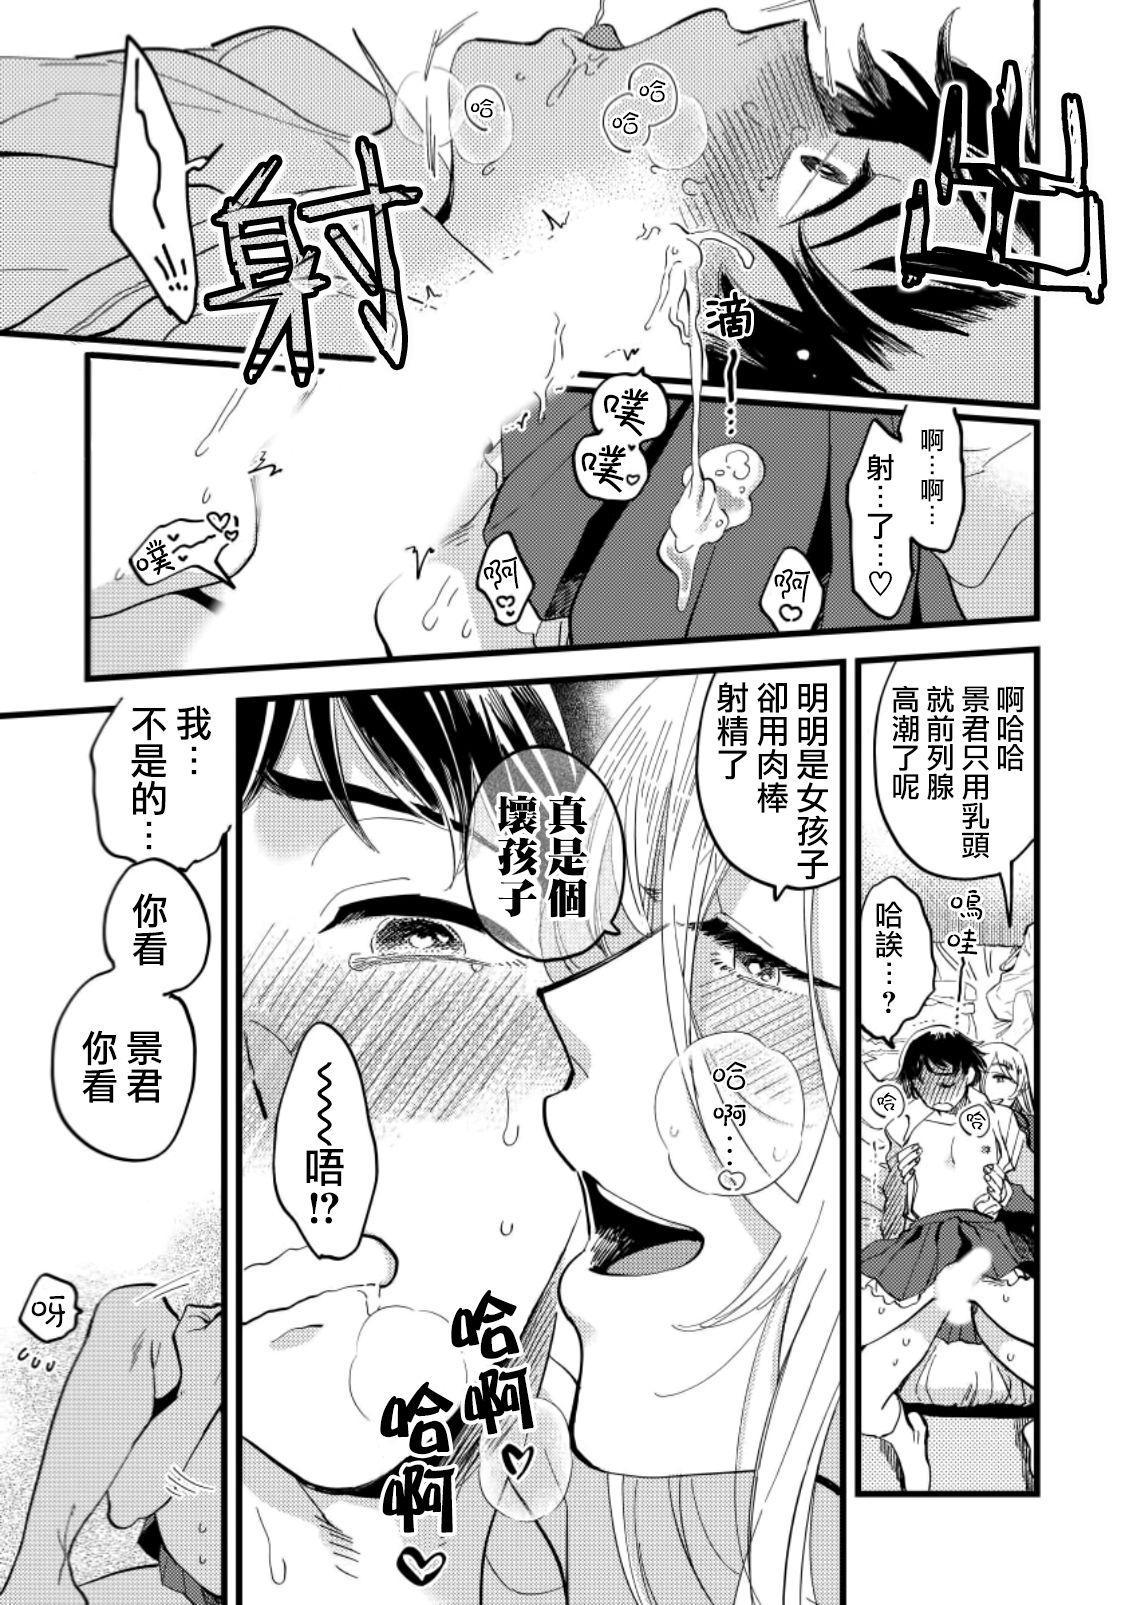 Josou Onii-san ga Nonke o Torotoro ni Naru made Kaihatsu Shitara 4 丨女裝大哥哥把直男黏糊糊的地方開發了的話 只靠後面高潮的樣子讓我看看吧 4 19